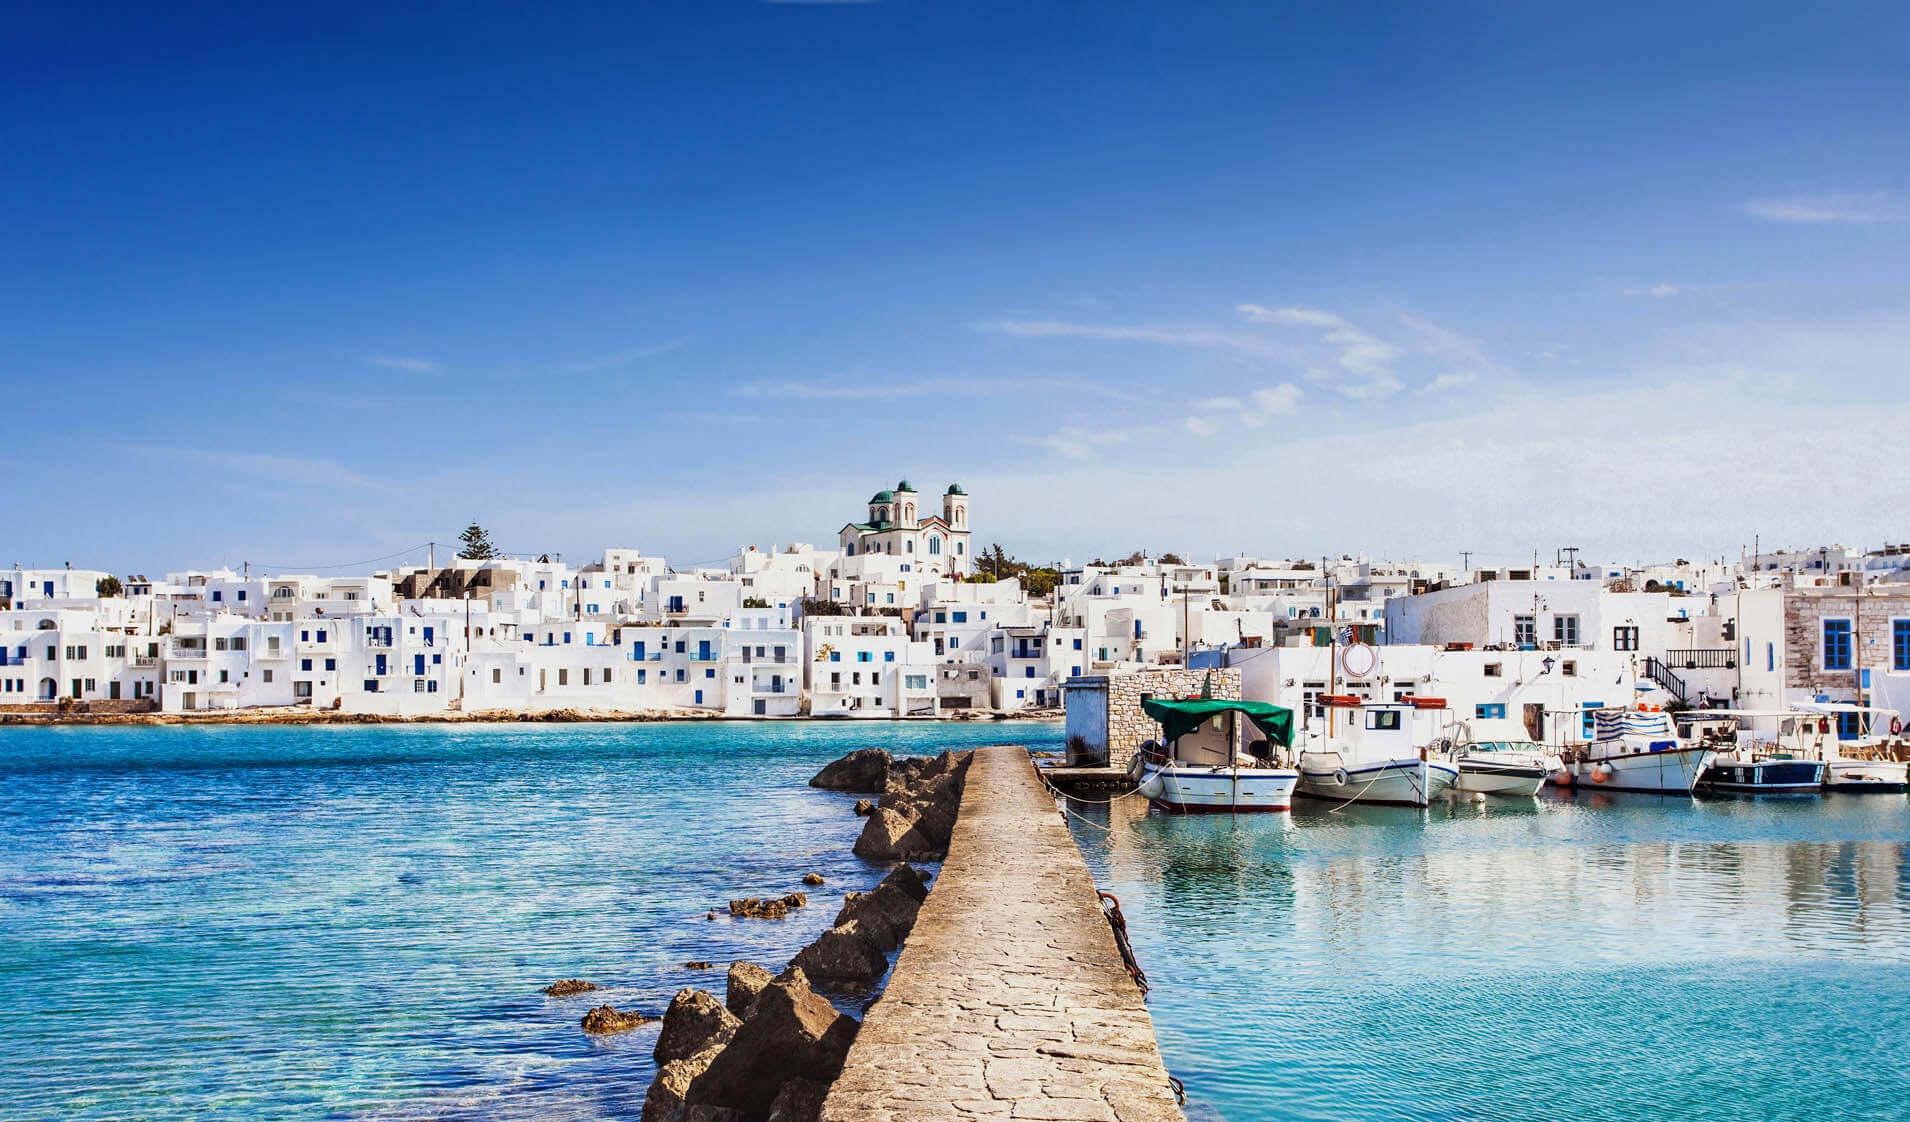 Paros, Cyclades Island